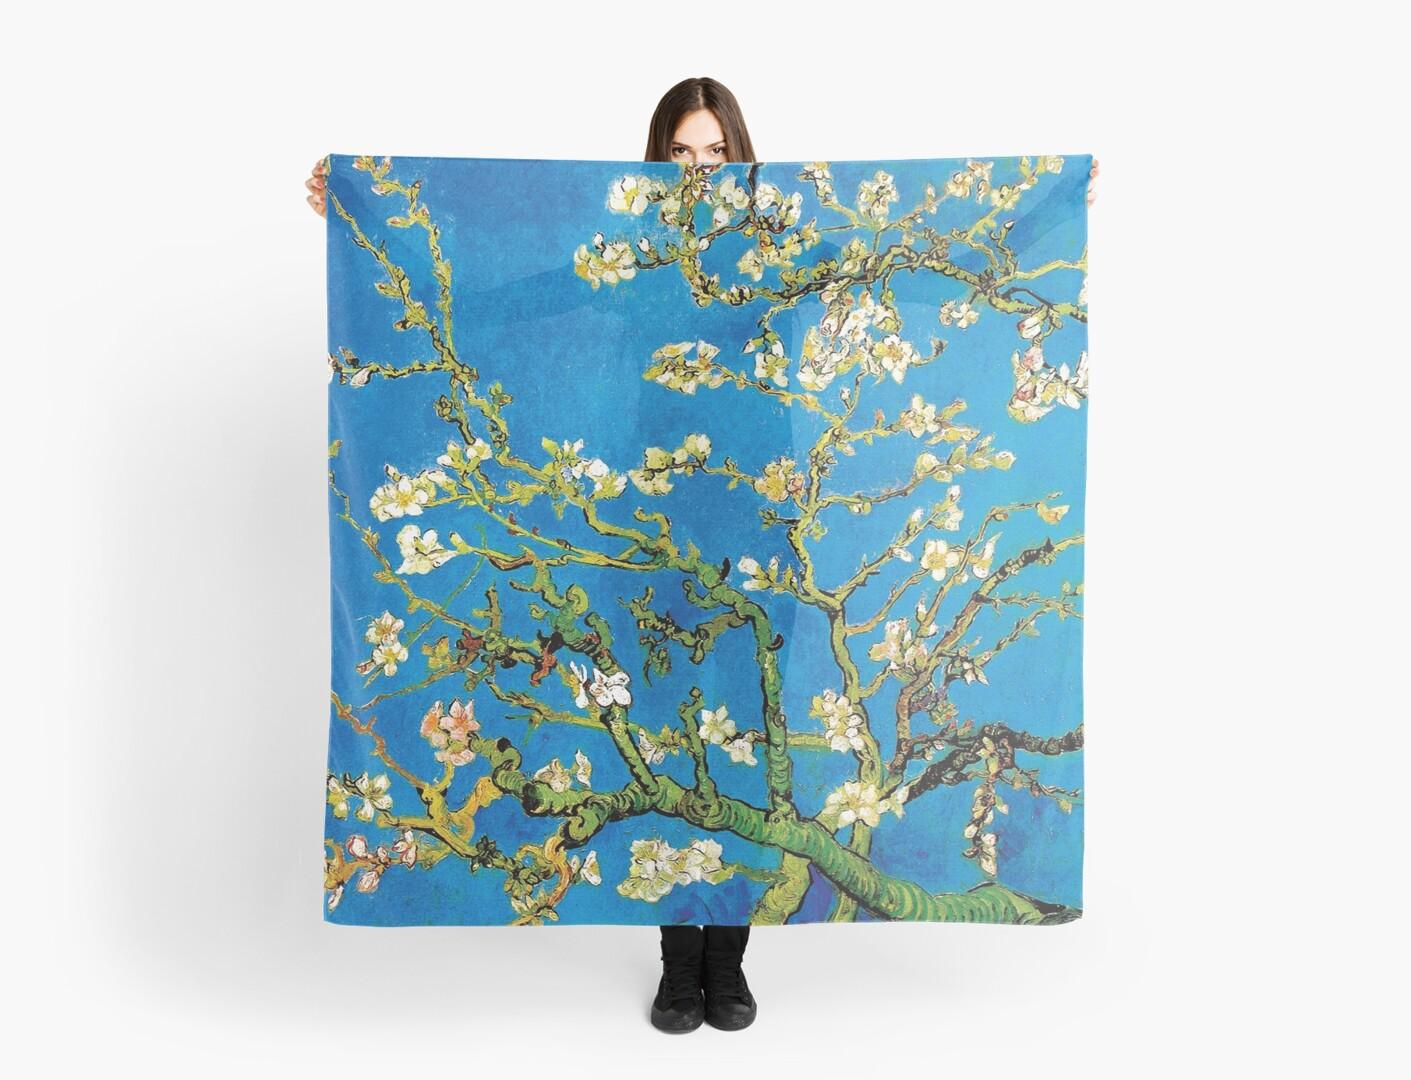 Vincent Van Gogh - Almond Blossoms Fine Art Painting by Jeffest